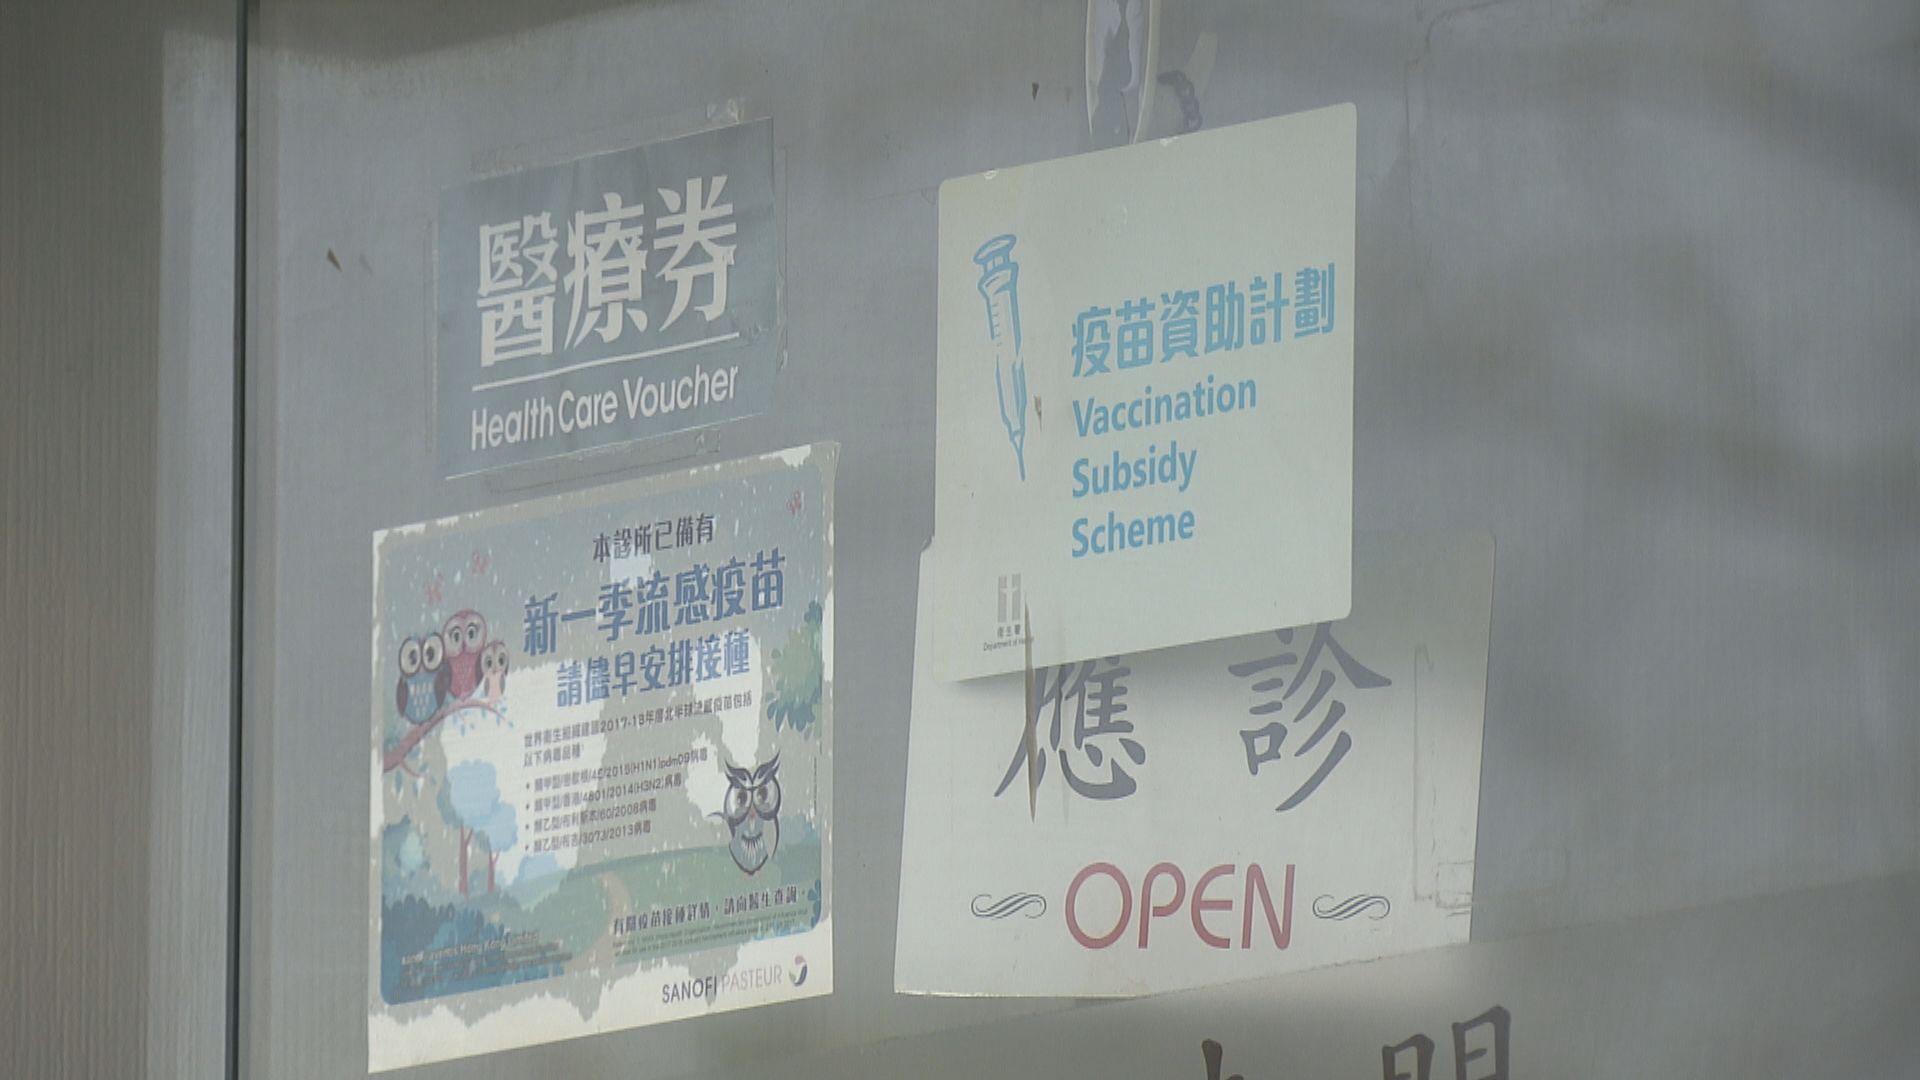 私家醫生收政府通知新冠疫苗接種系統將於周二開通